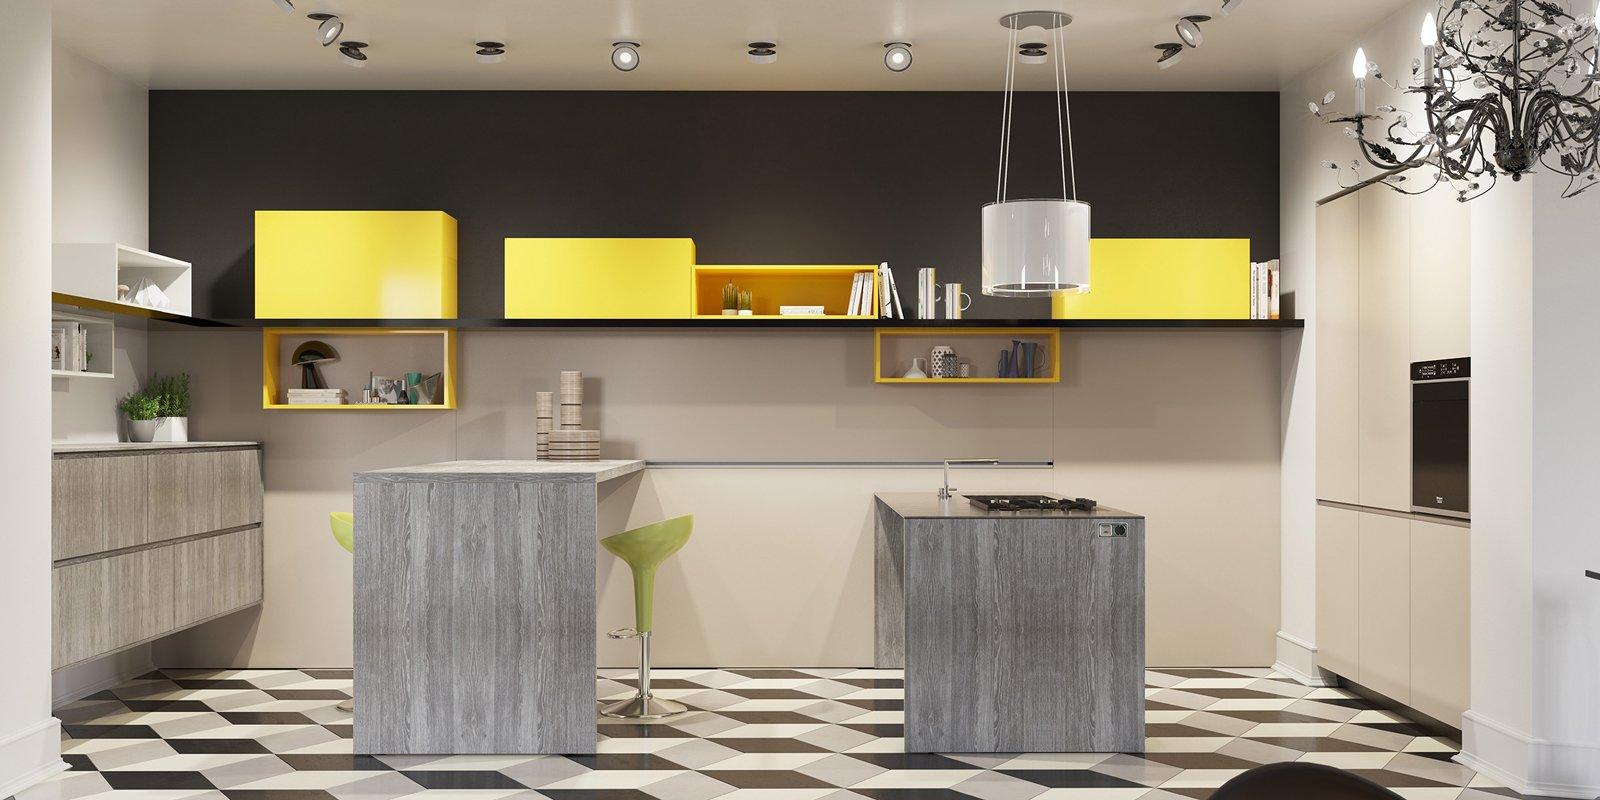 Arredamento cucine piccole cose di casa for Piccole immagini del piano casa